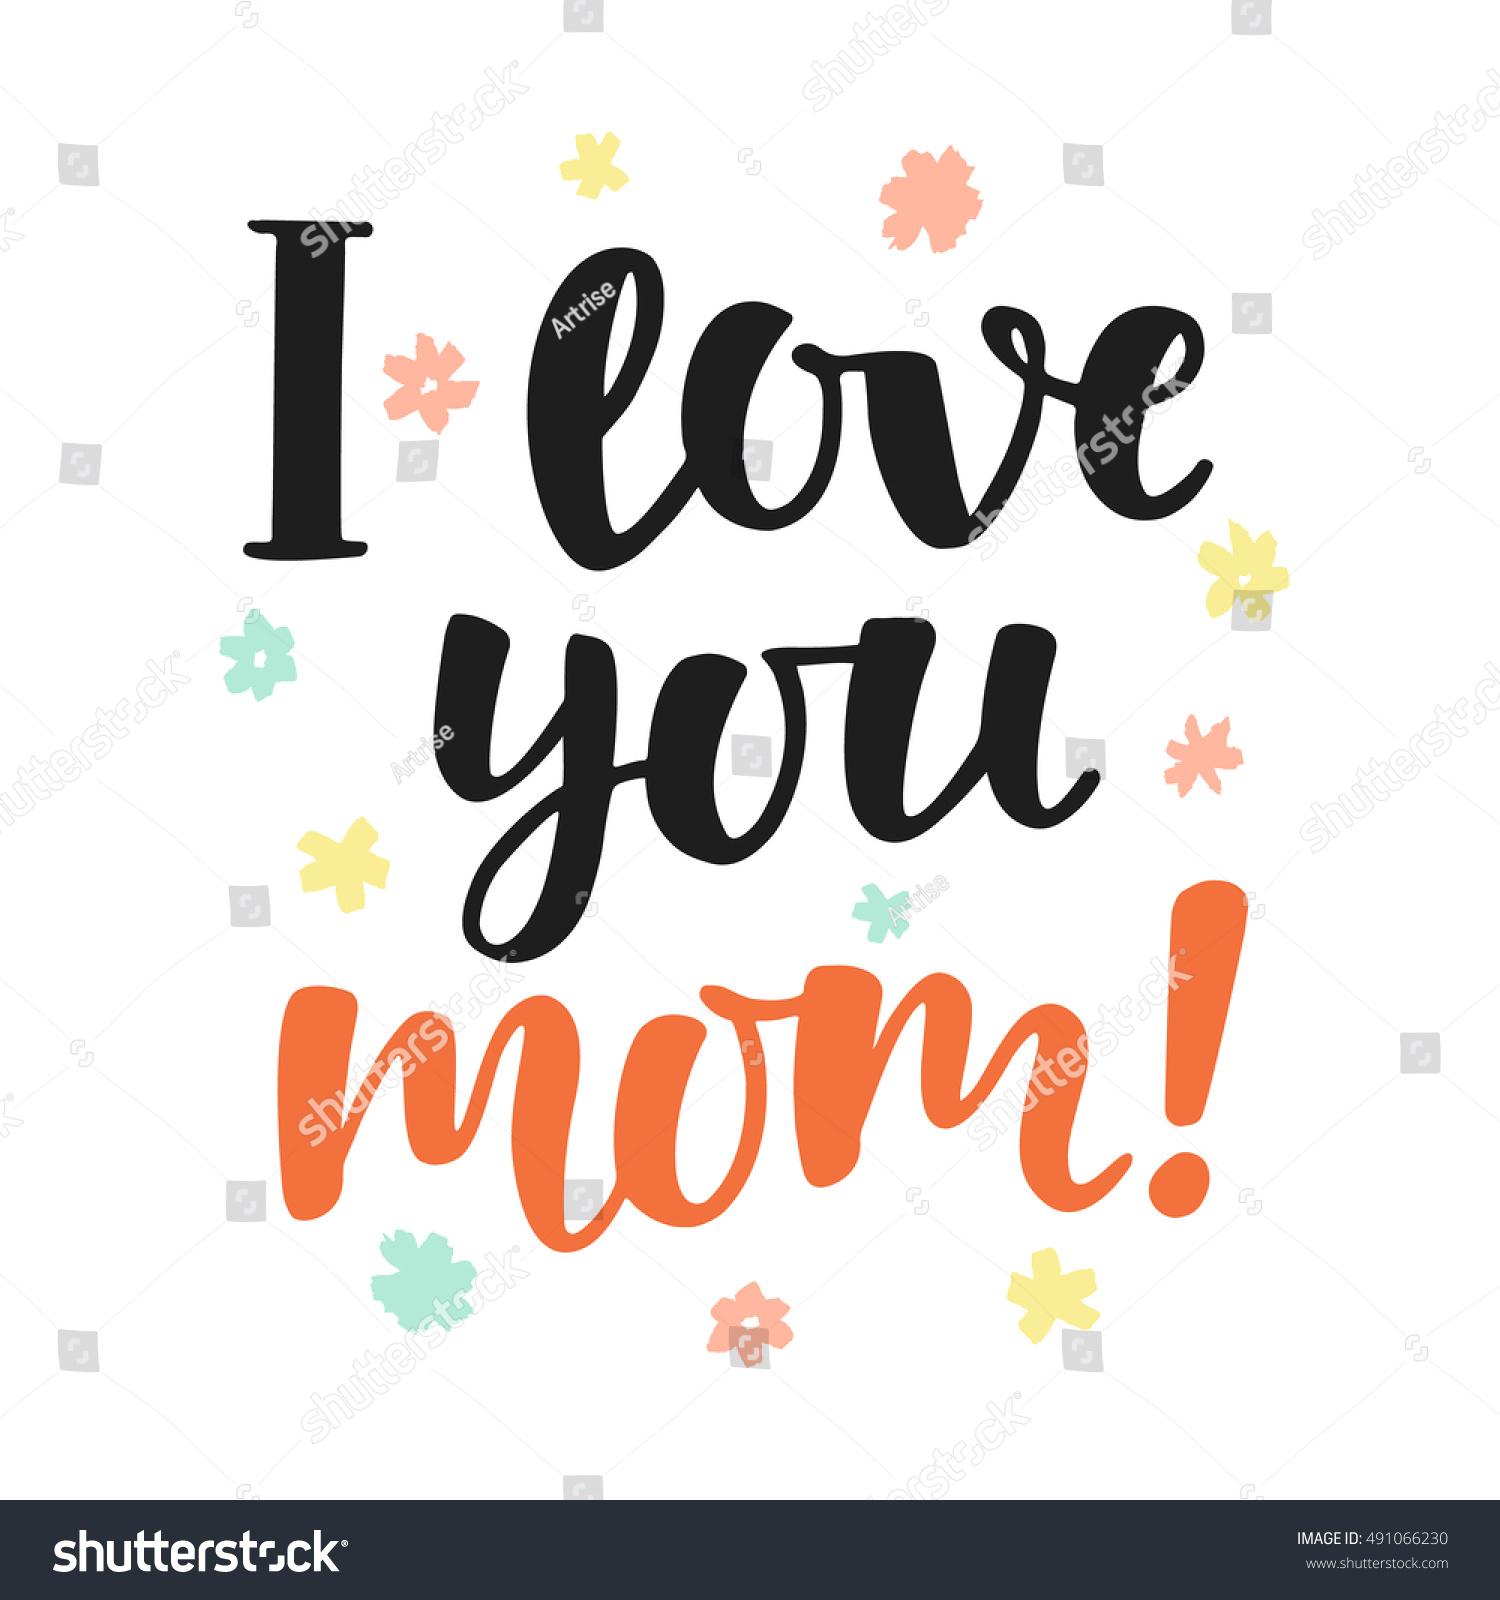 I Love You Mom Handwritten Lettering Stock Vector